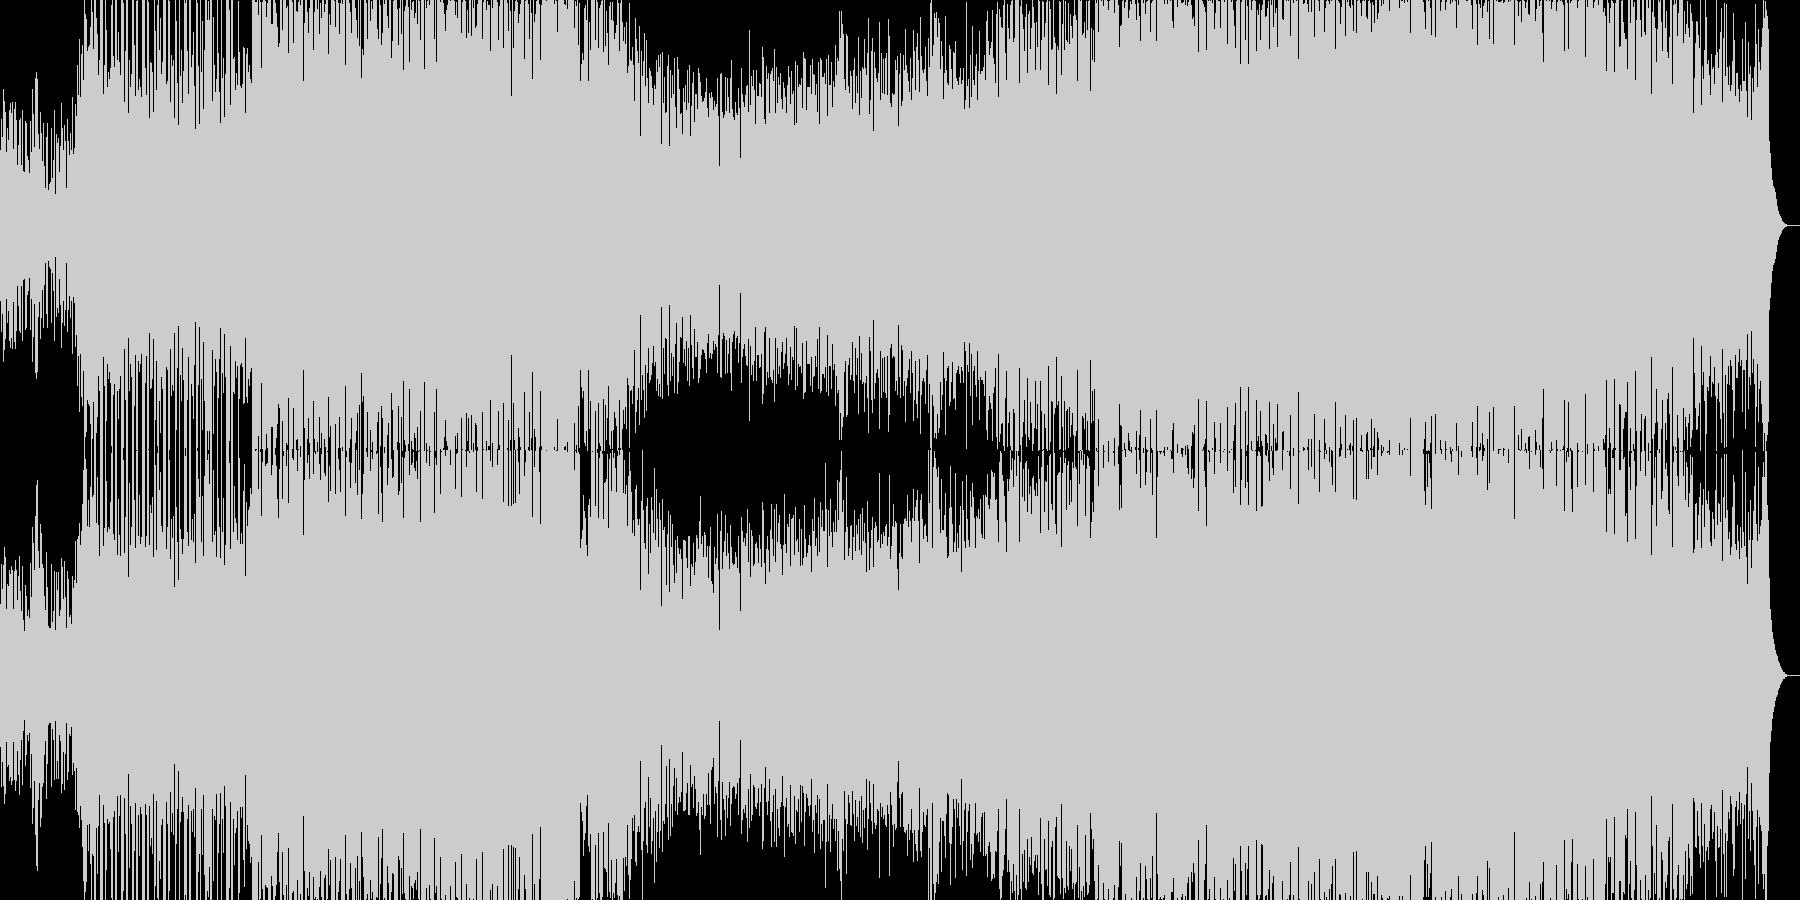 エモーショナルで近未来的なドラムンベースの未再生の波形